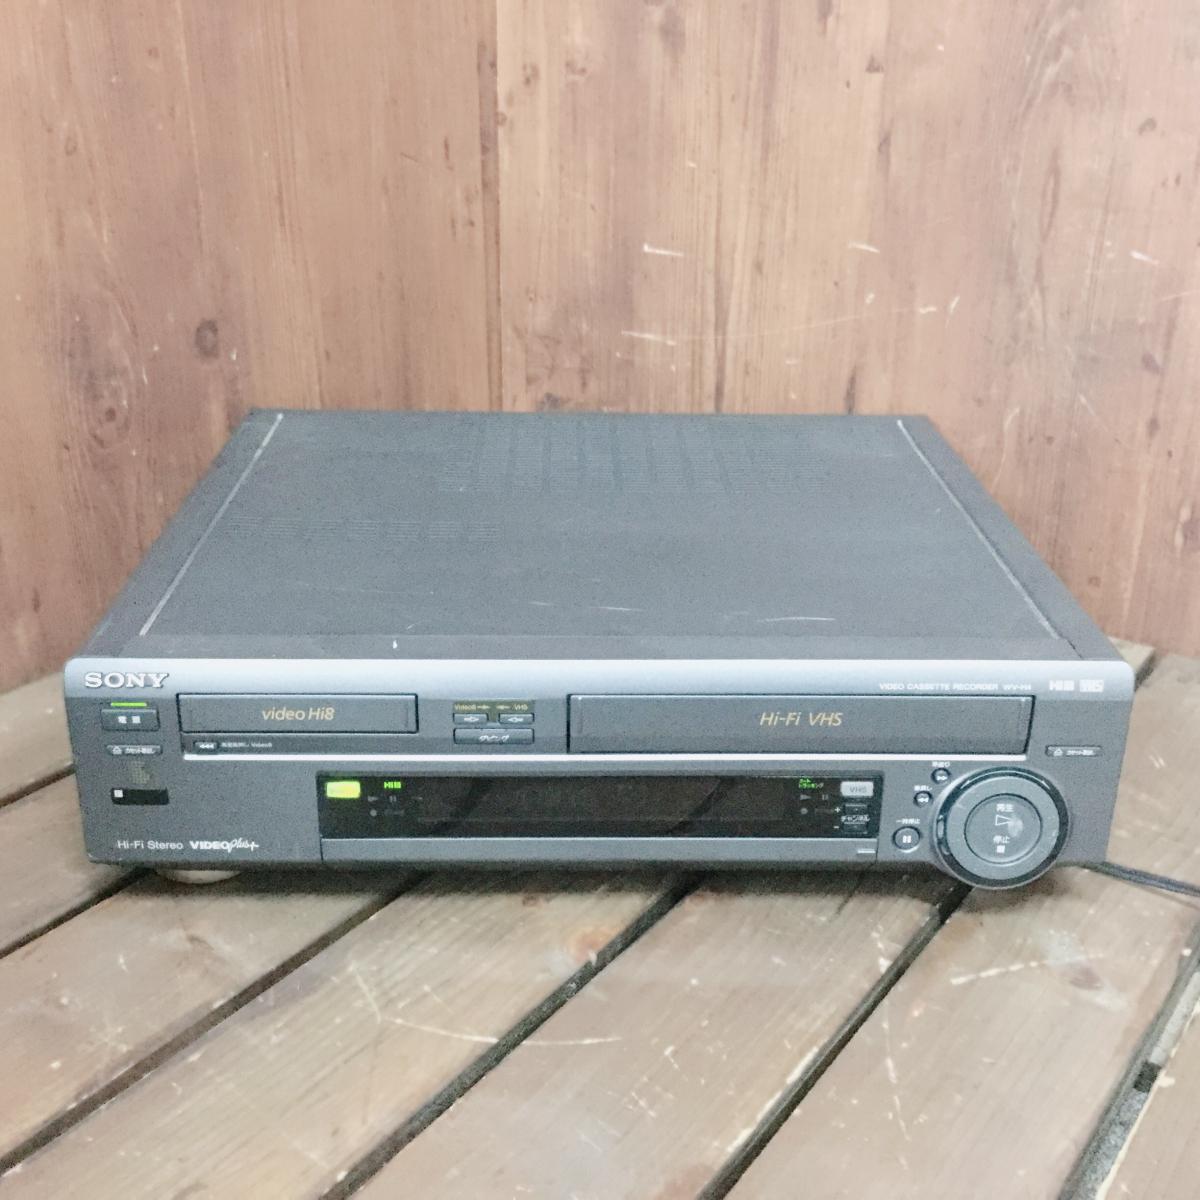 ☆ SONY ソニー WV-H4 Hi8 VHS 一体型 ビデオカセットレコーダー ビデオデッキ ジャンク ☆